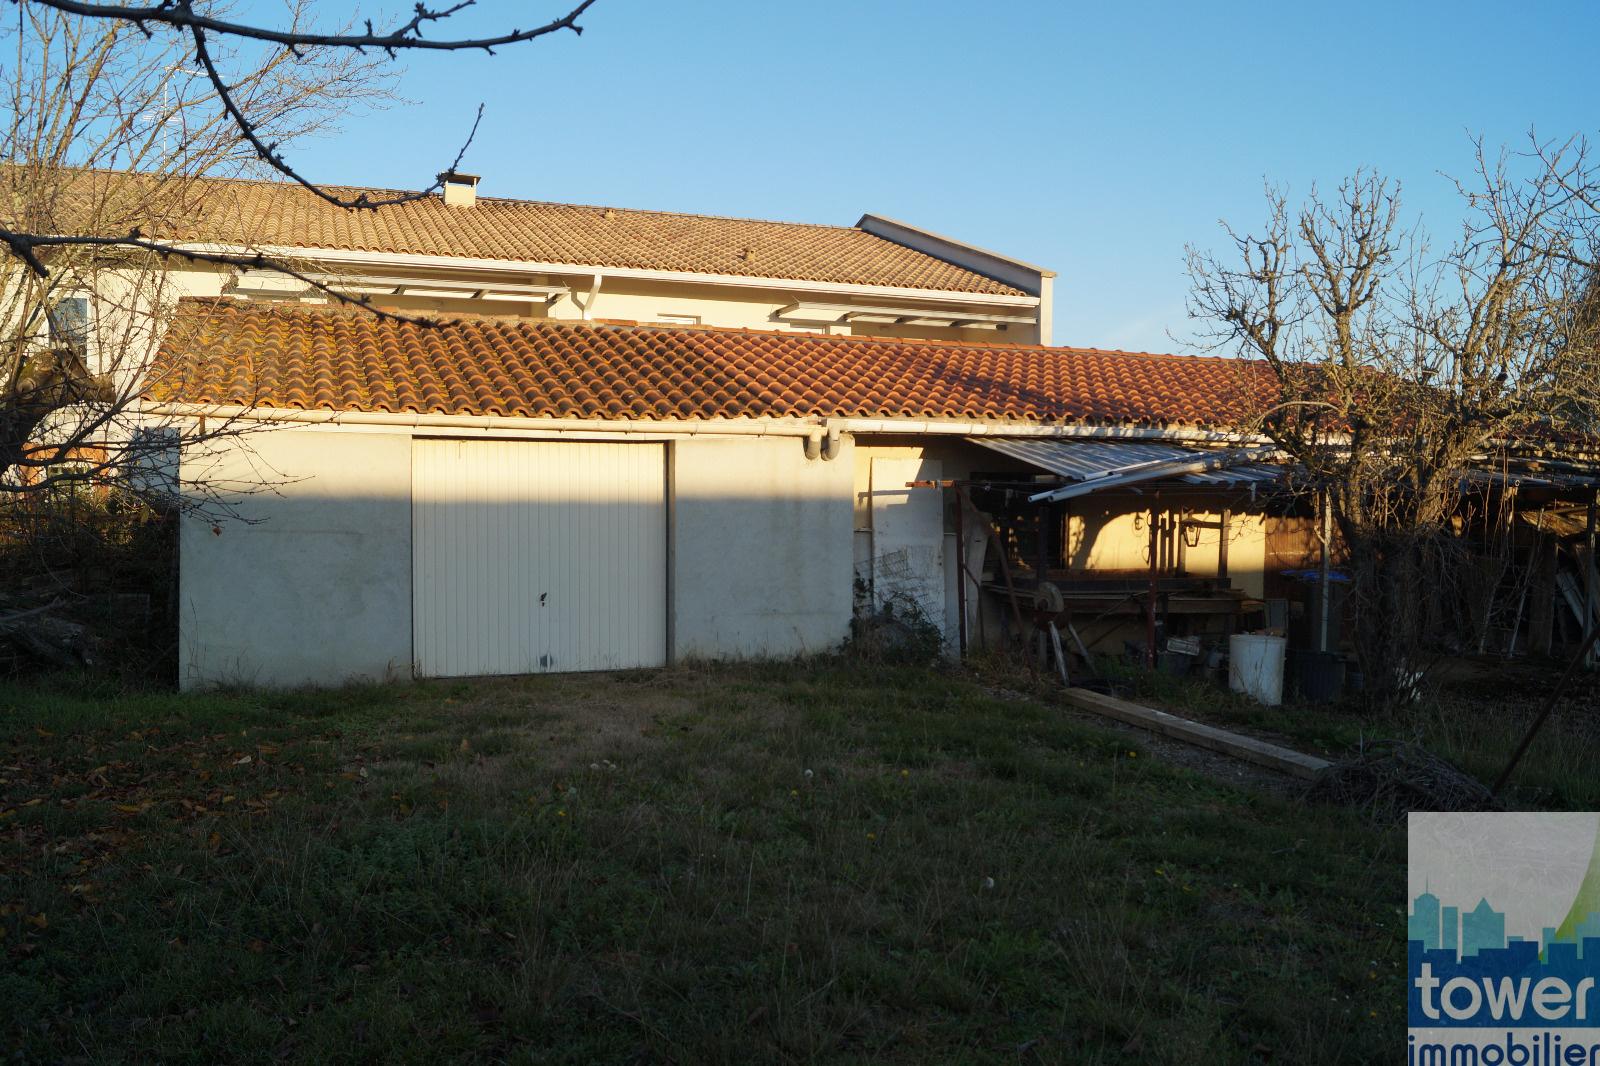 Vente maison 115 m2 sur terrain de 1200 m2 terrain de for 100 m2 de terrain